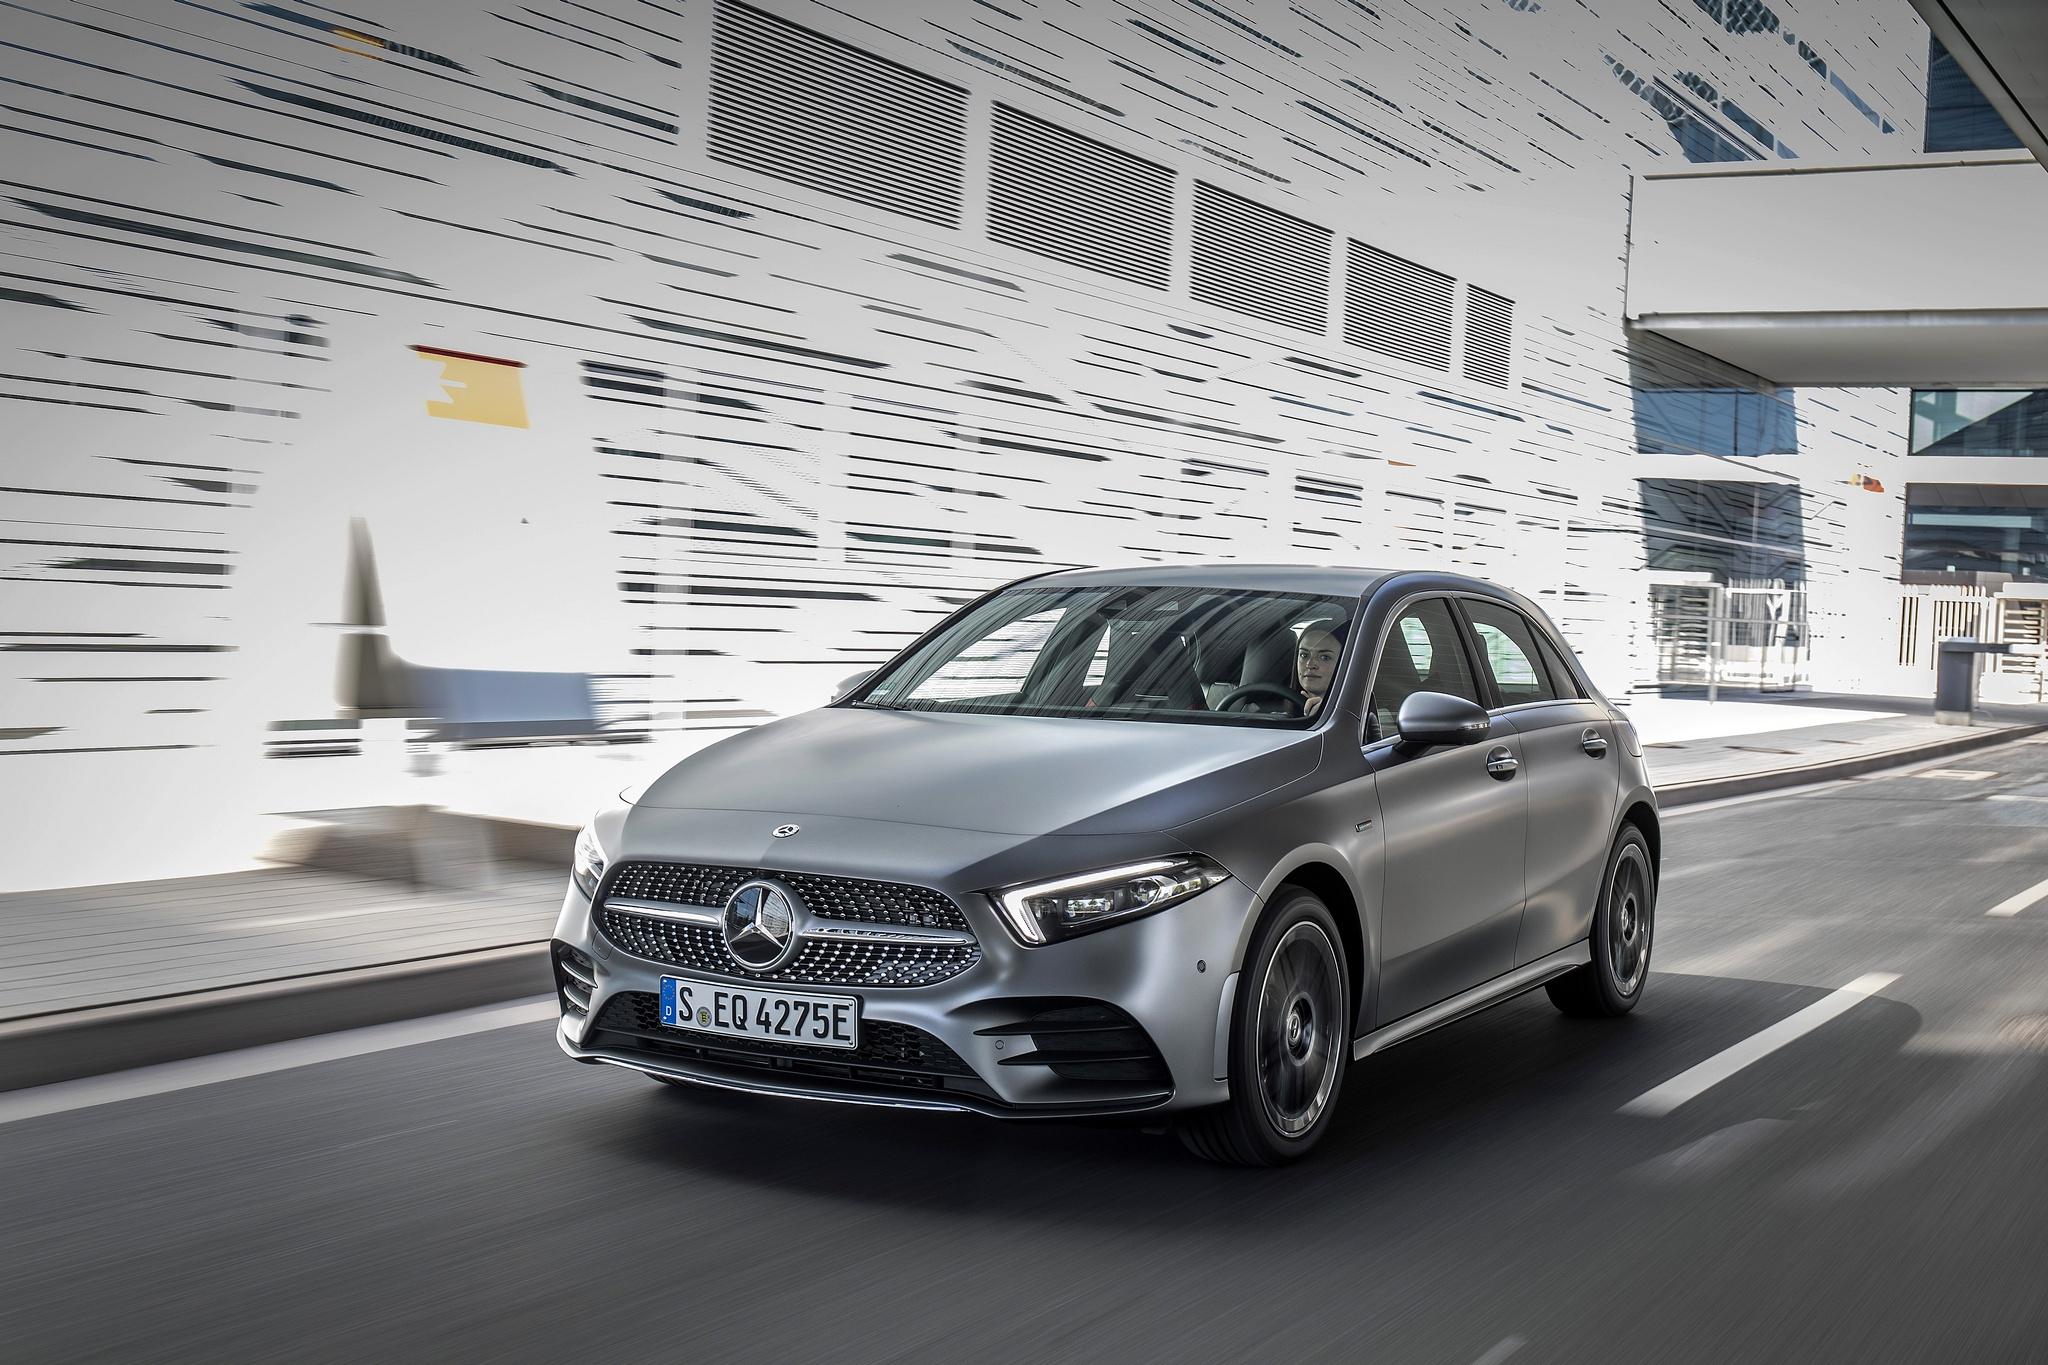 Wissenswertes zur Fahrzeugsteckdose bei Mercedes-Benz